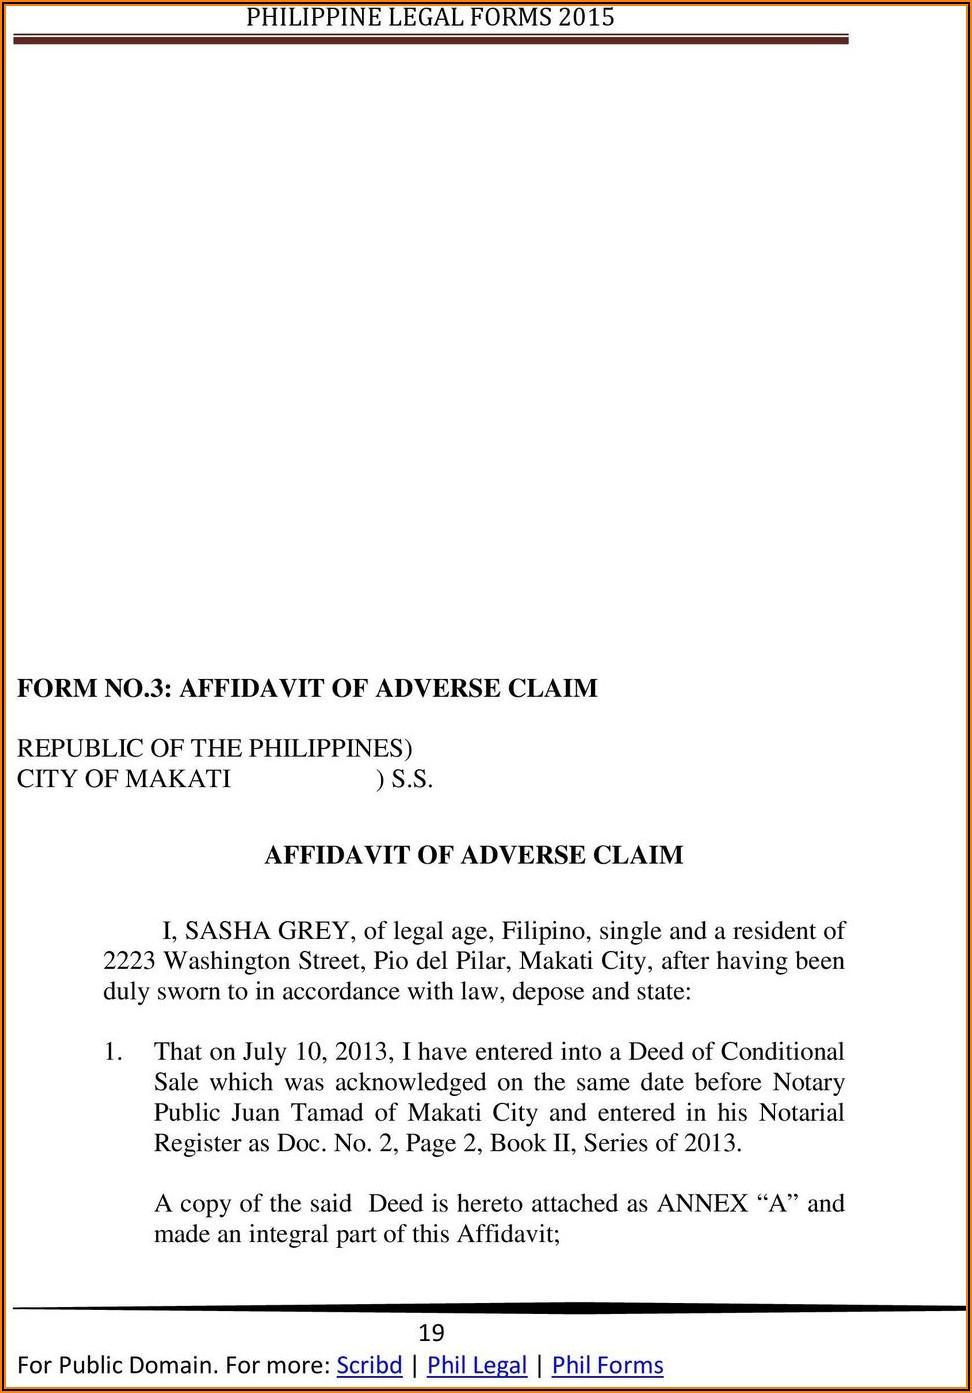 Sample Form Affidavit Of Adverse Claim